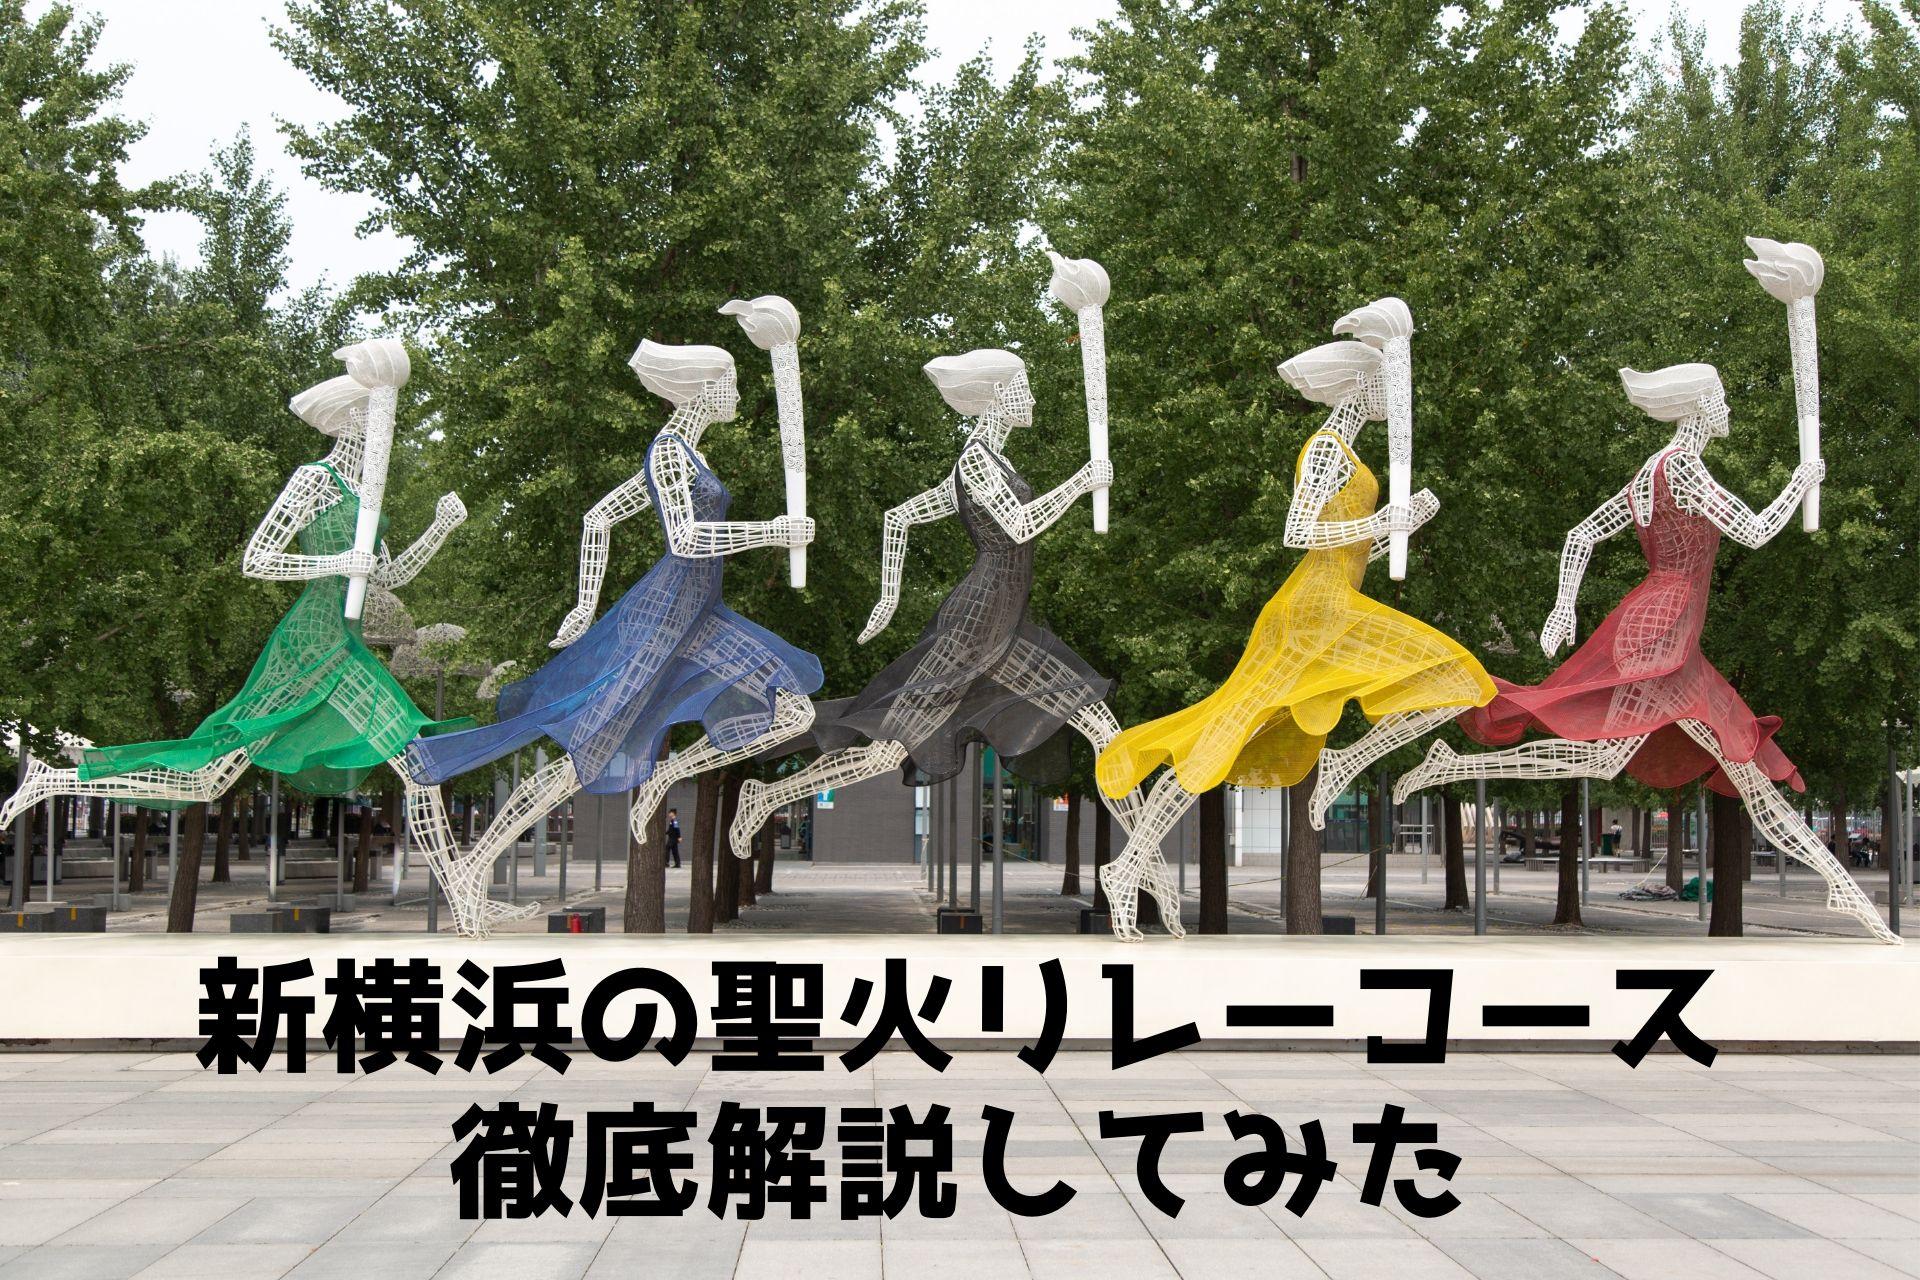 新横浜の聖火リレーコースとランナー